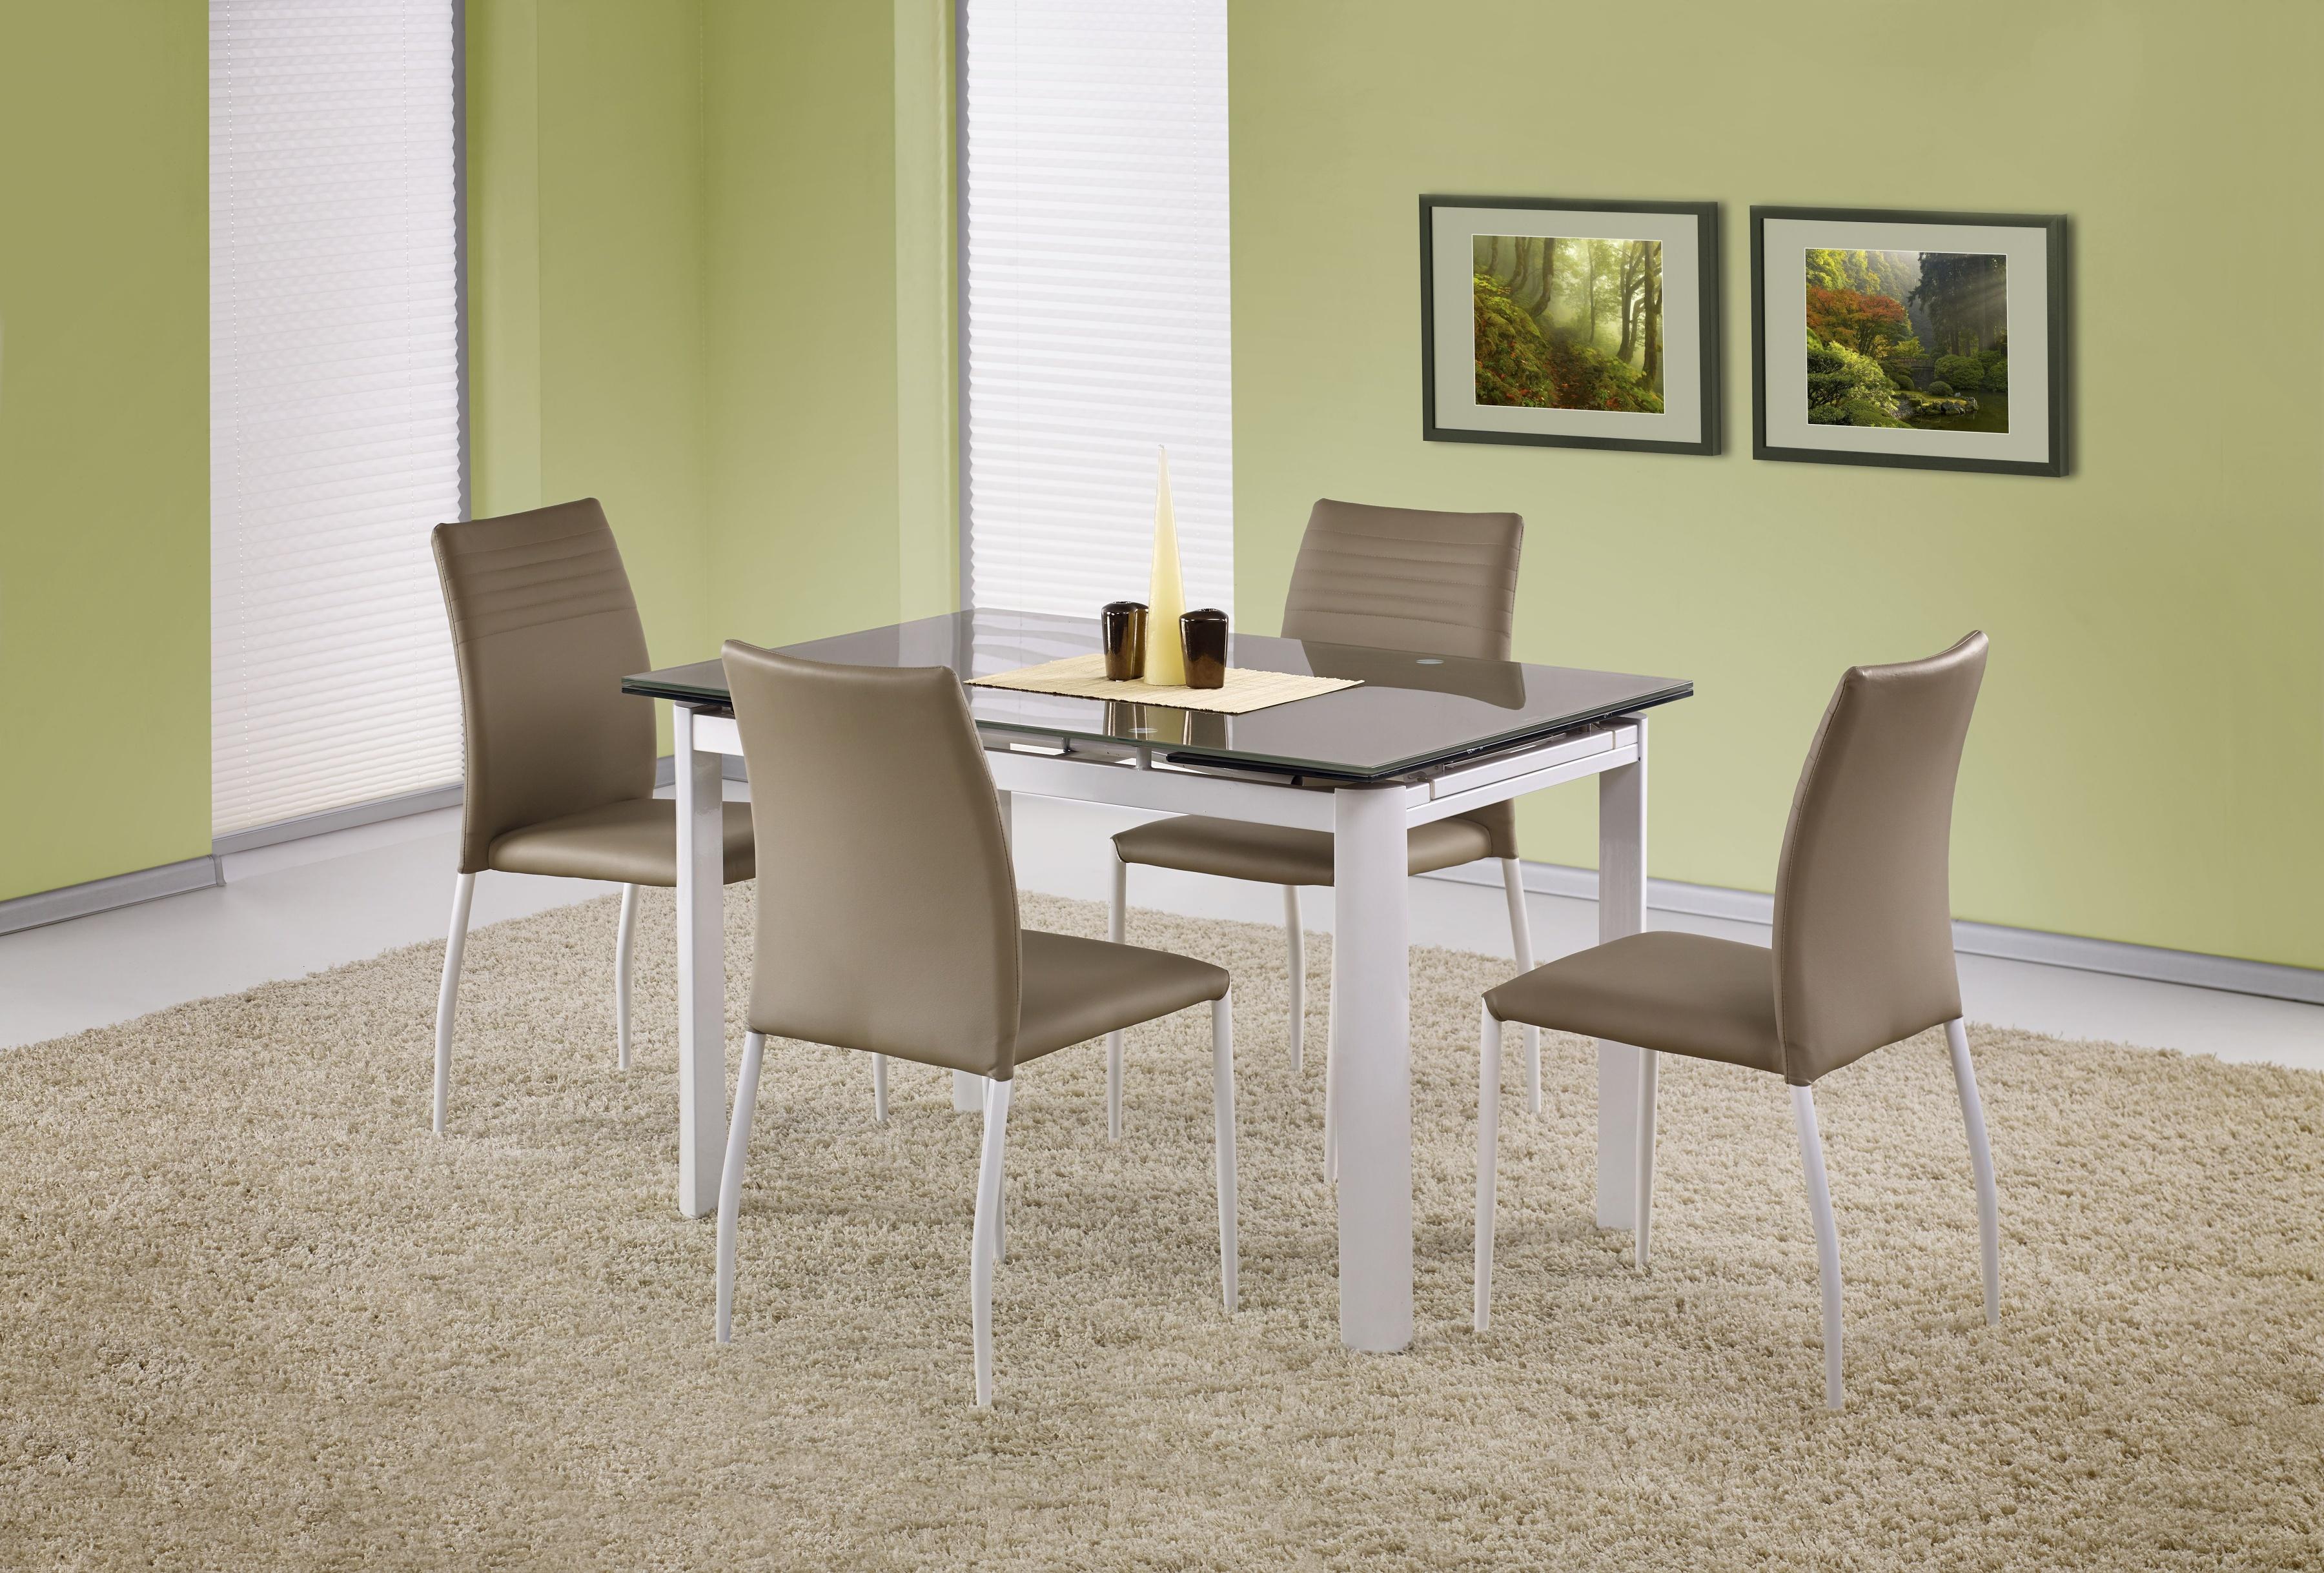 Jedálenský stôl - Halmar - ALSTON béžová (pre 4 až 8 osôb). Sme autorizovaný predajca Halmar. Vlastná spoľahlivá doprava až k Vám domov.